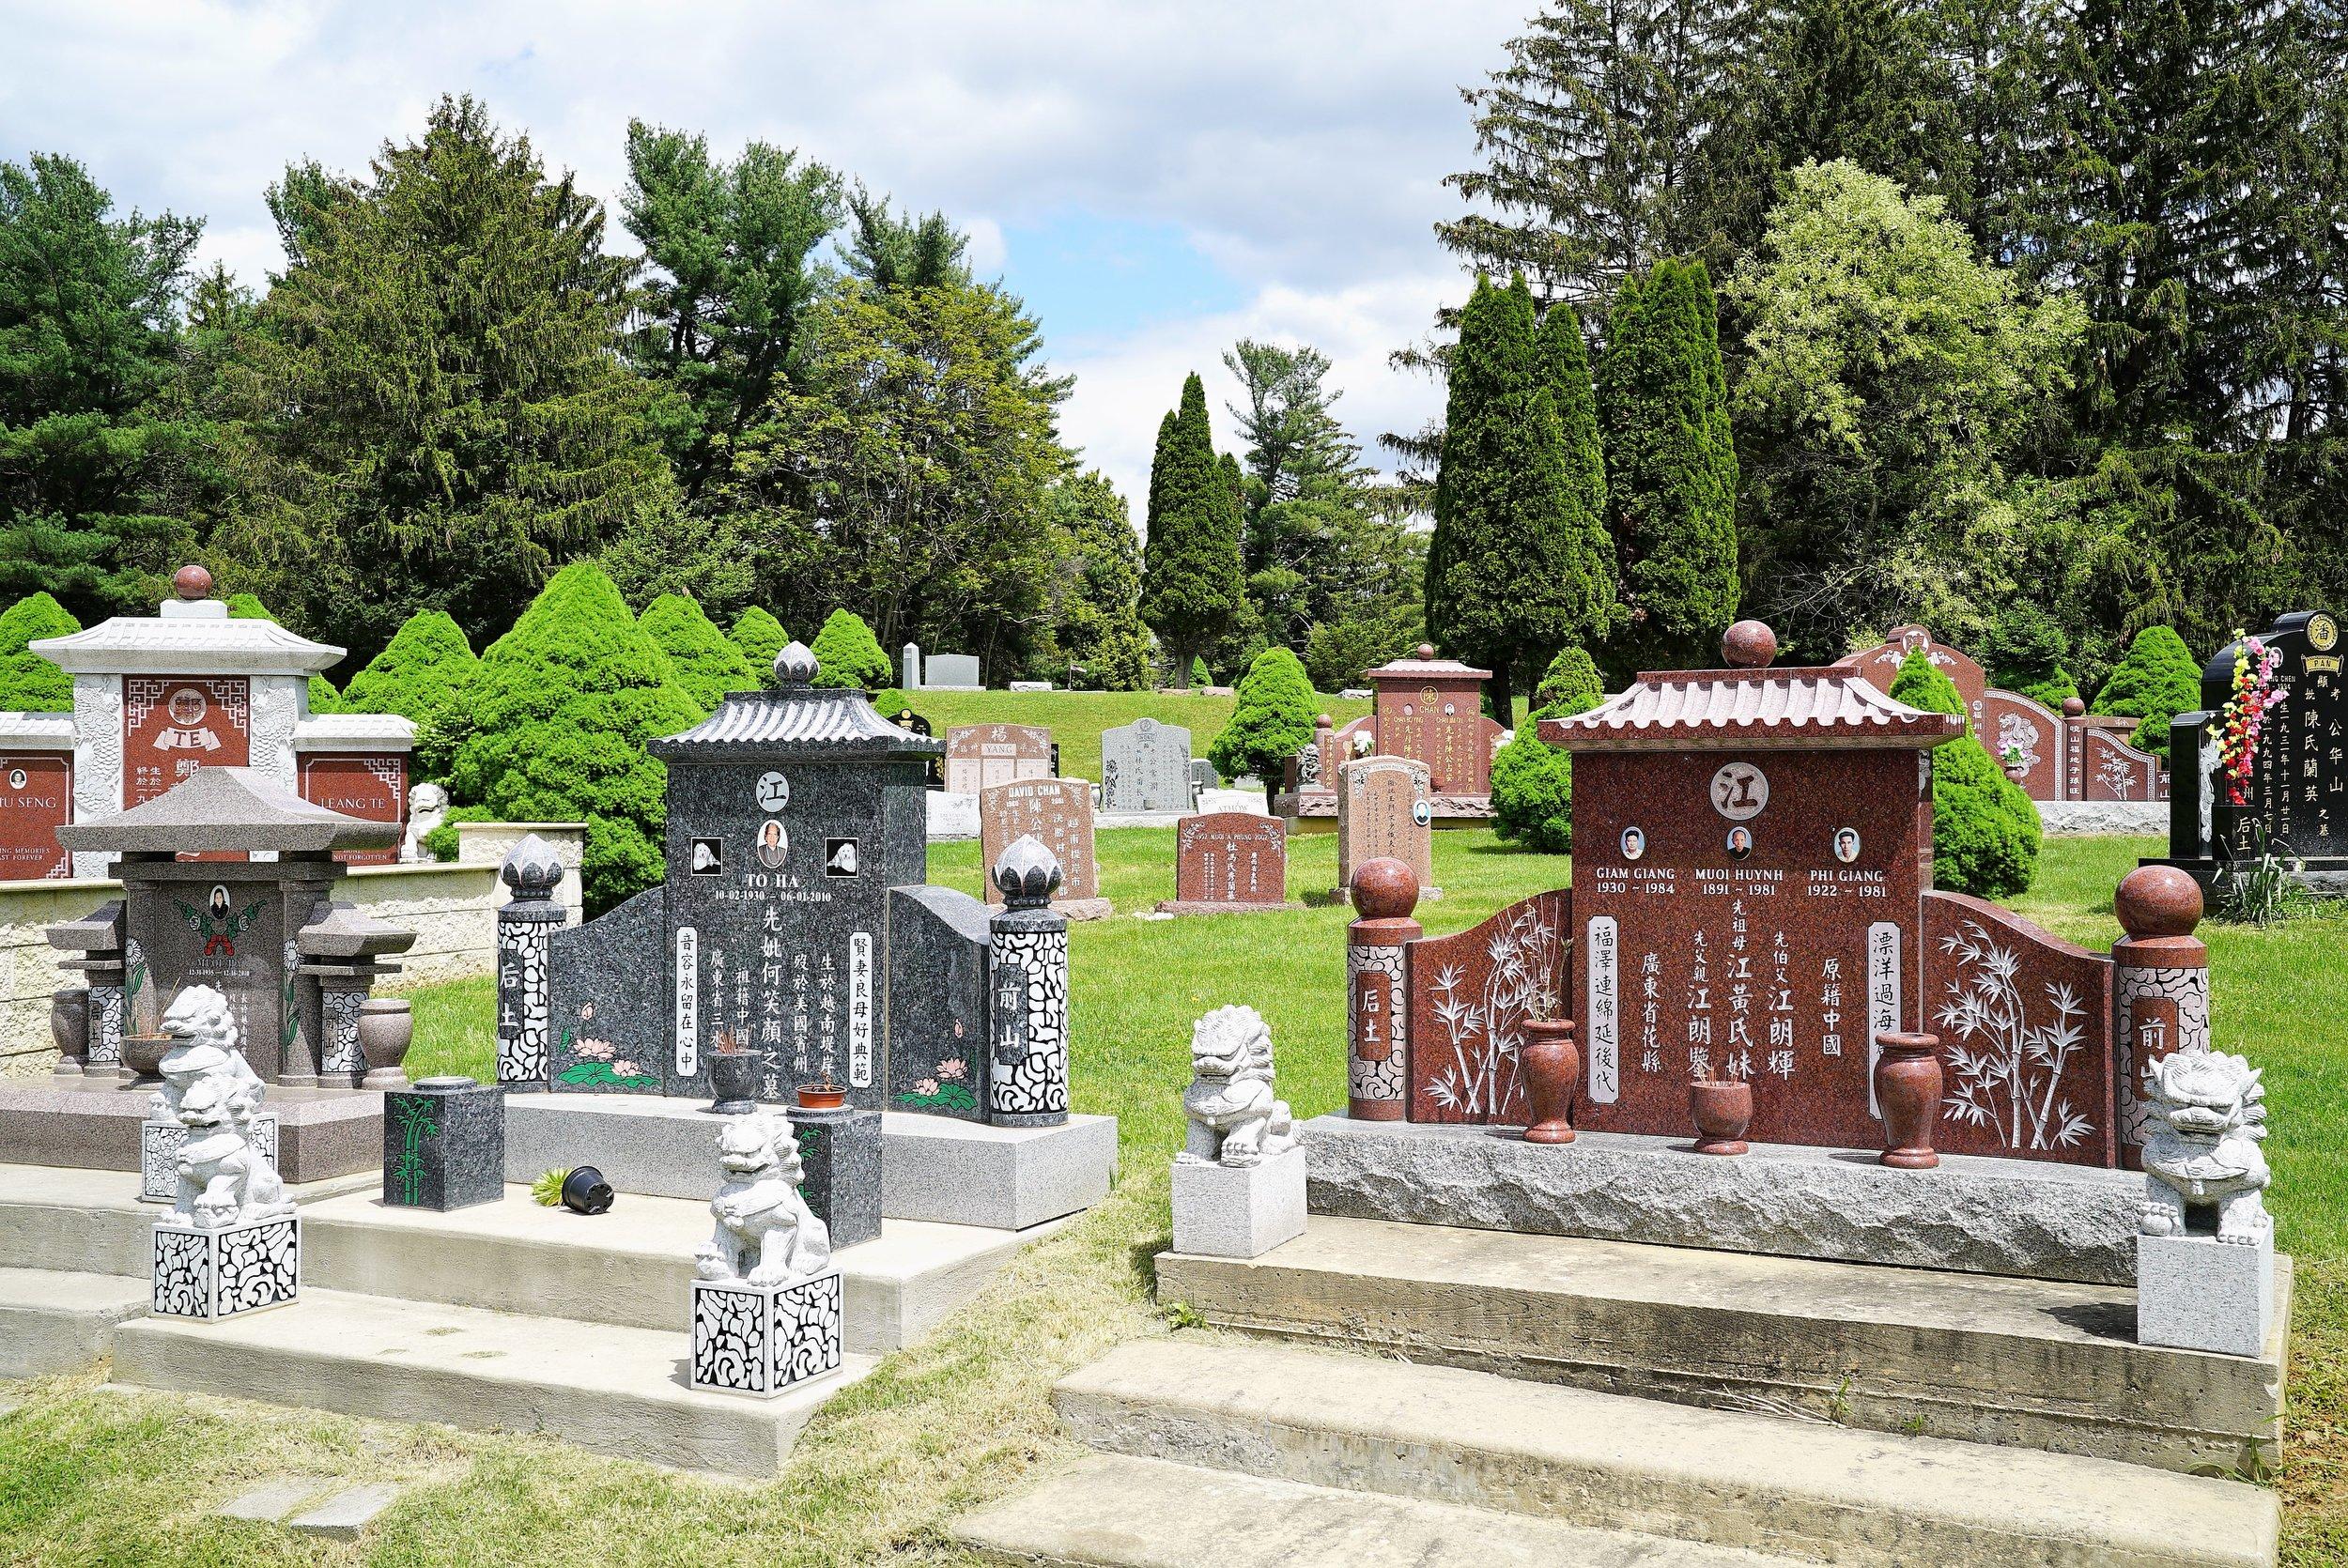 Asian memorials at Hillside Cemetery. Roslyn, Pennsylvania.